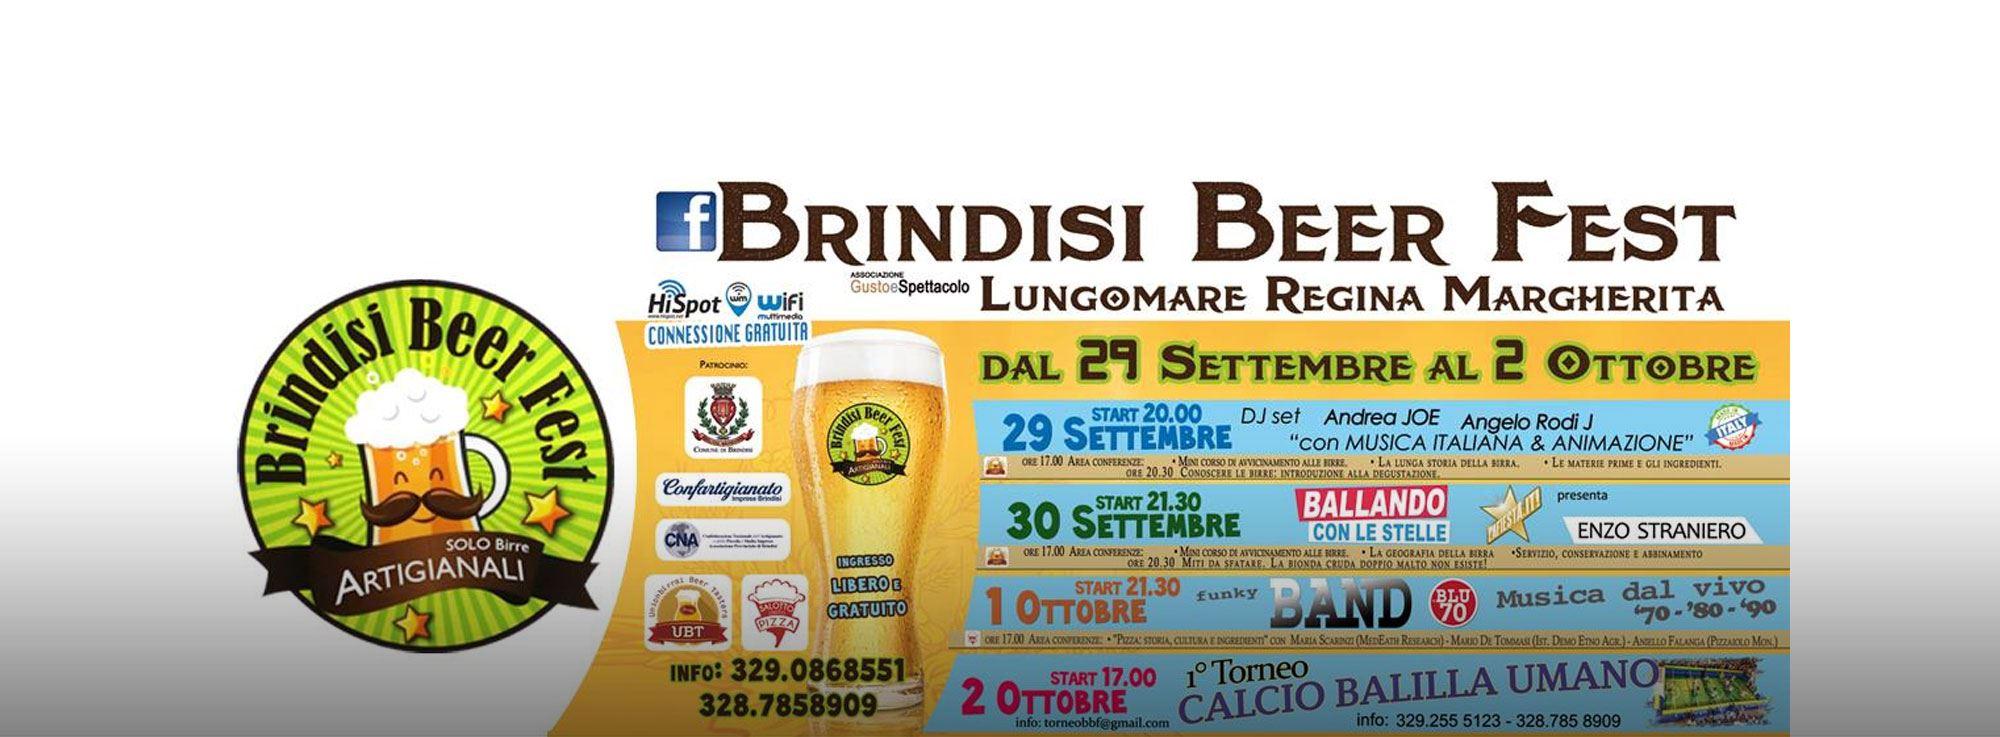 Brindisi: Brindisi Beer Fest